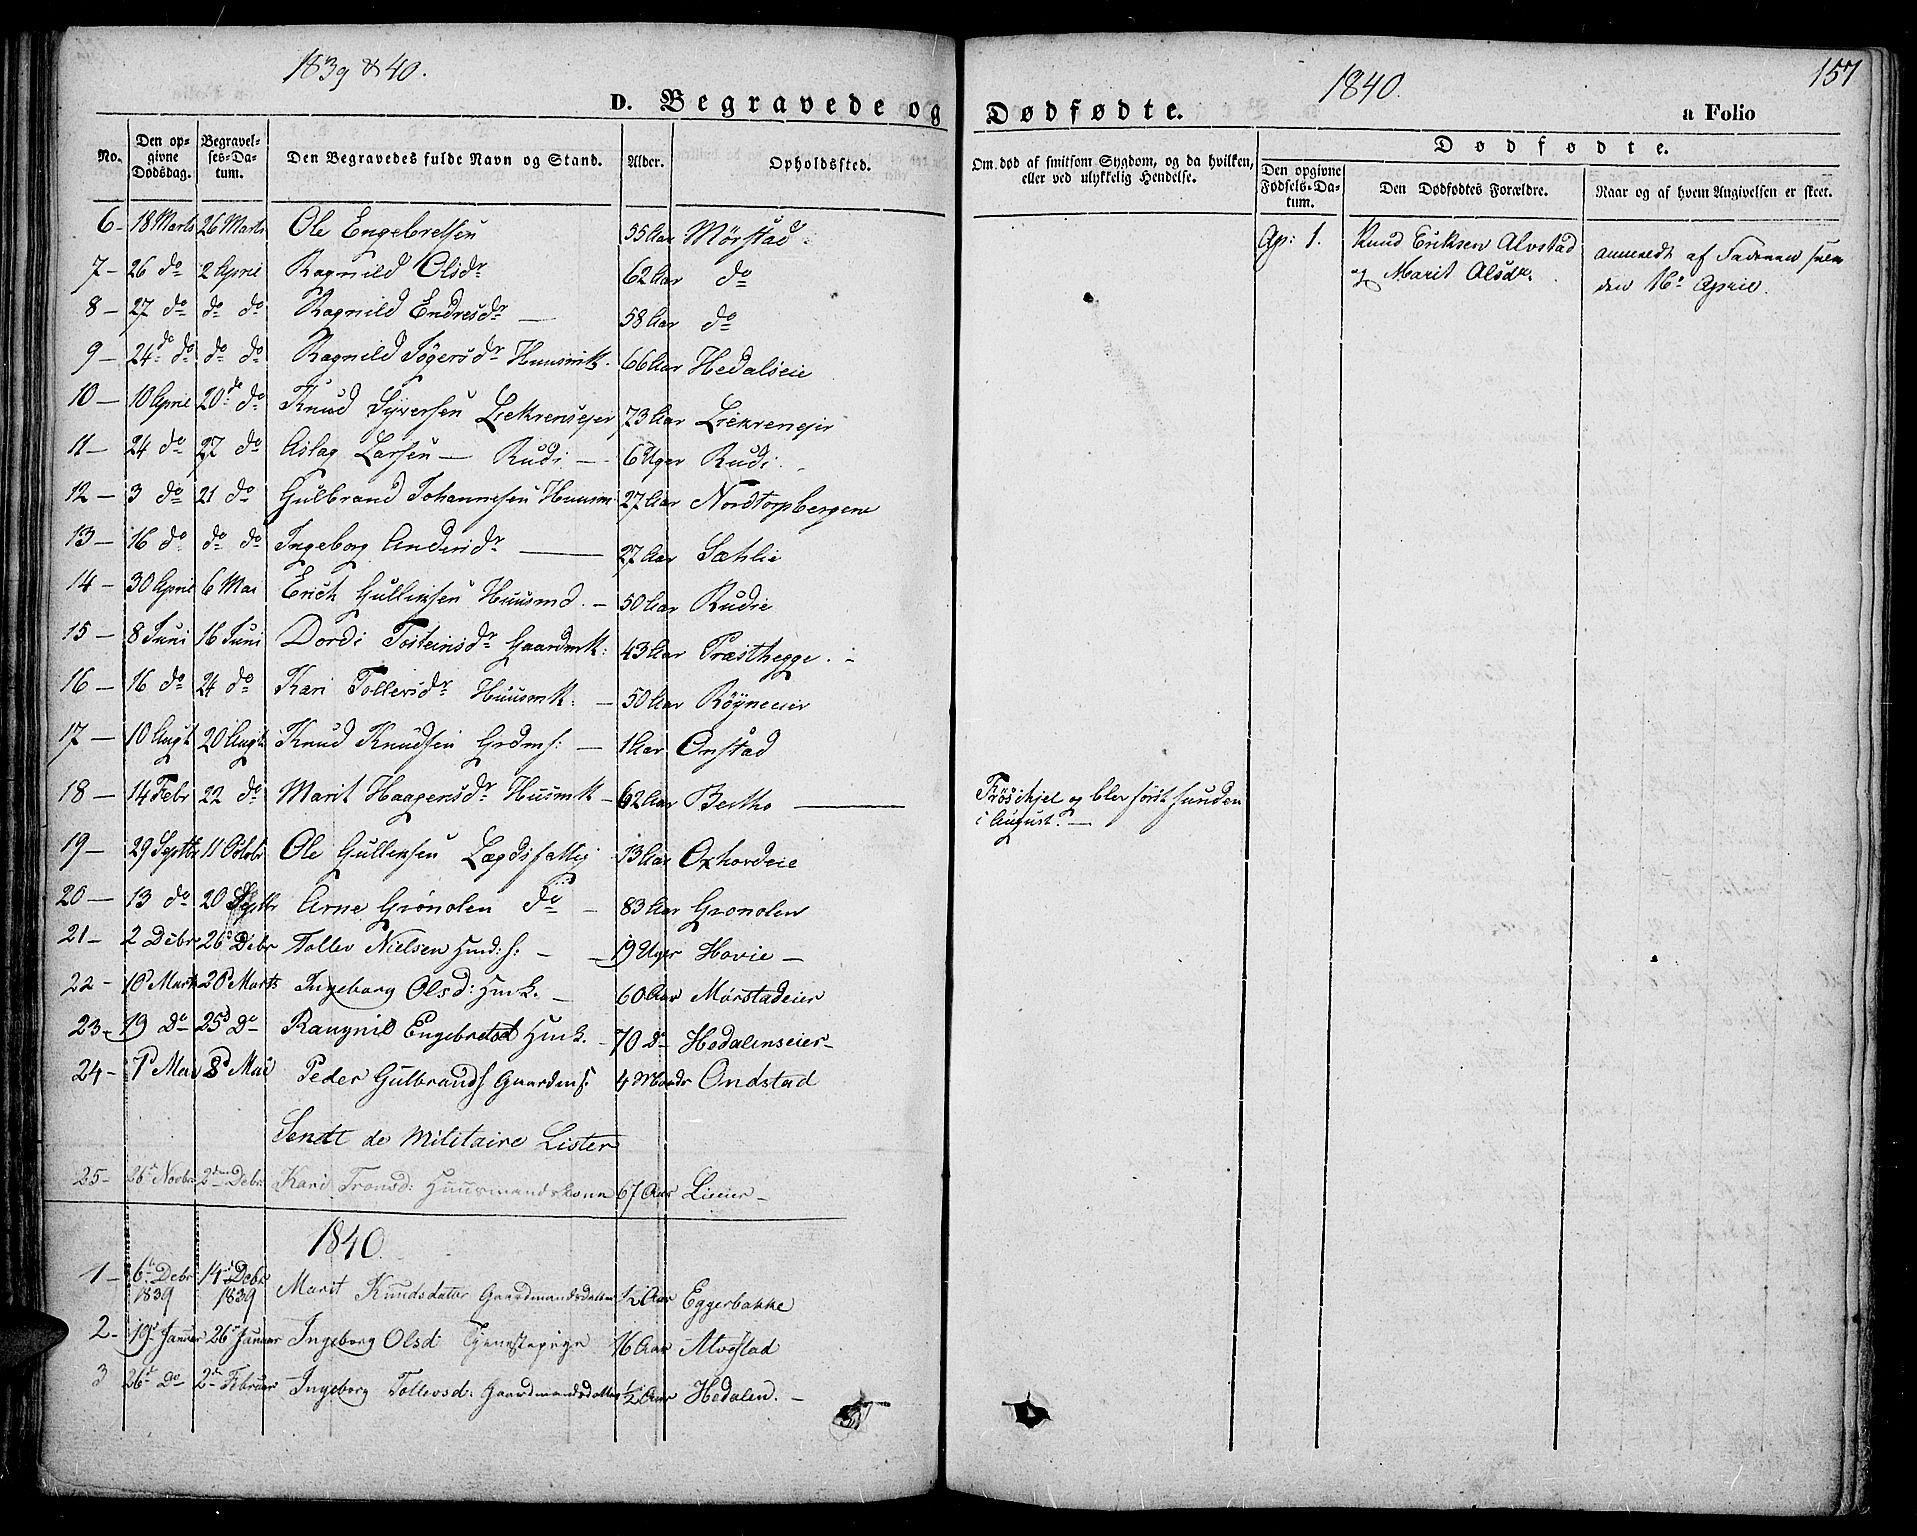 SAH, Slidre prestekontor, Ministerialbok nr. 4, 1831-1848, s. 157